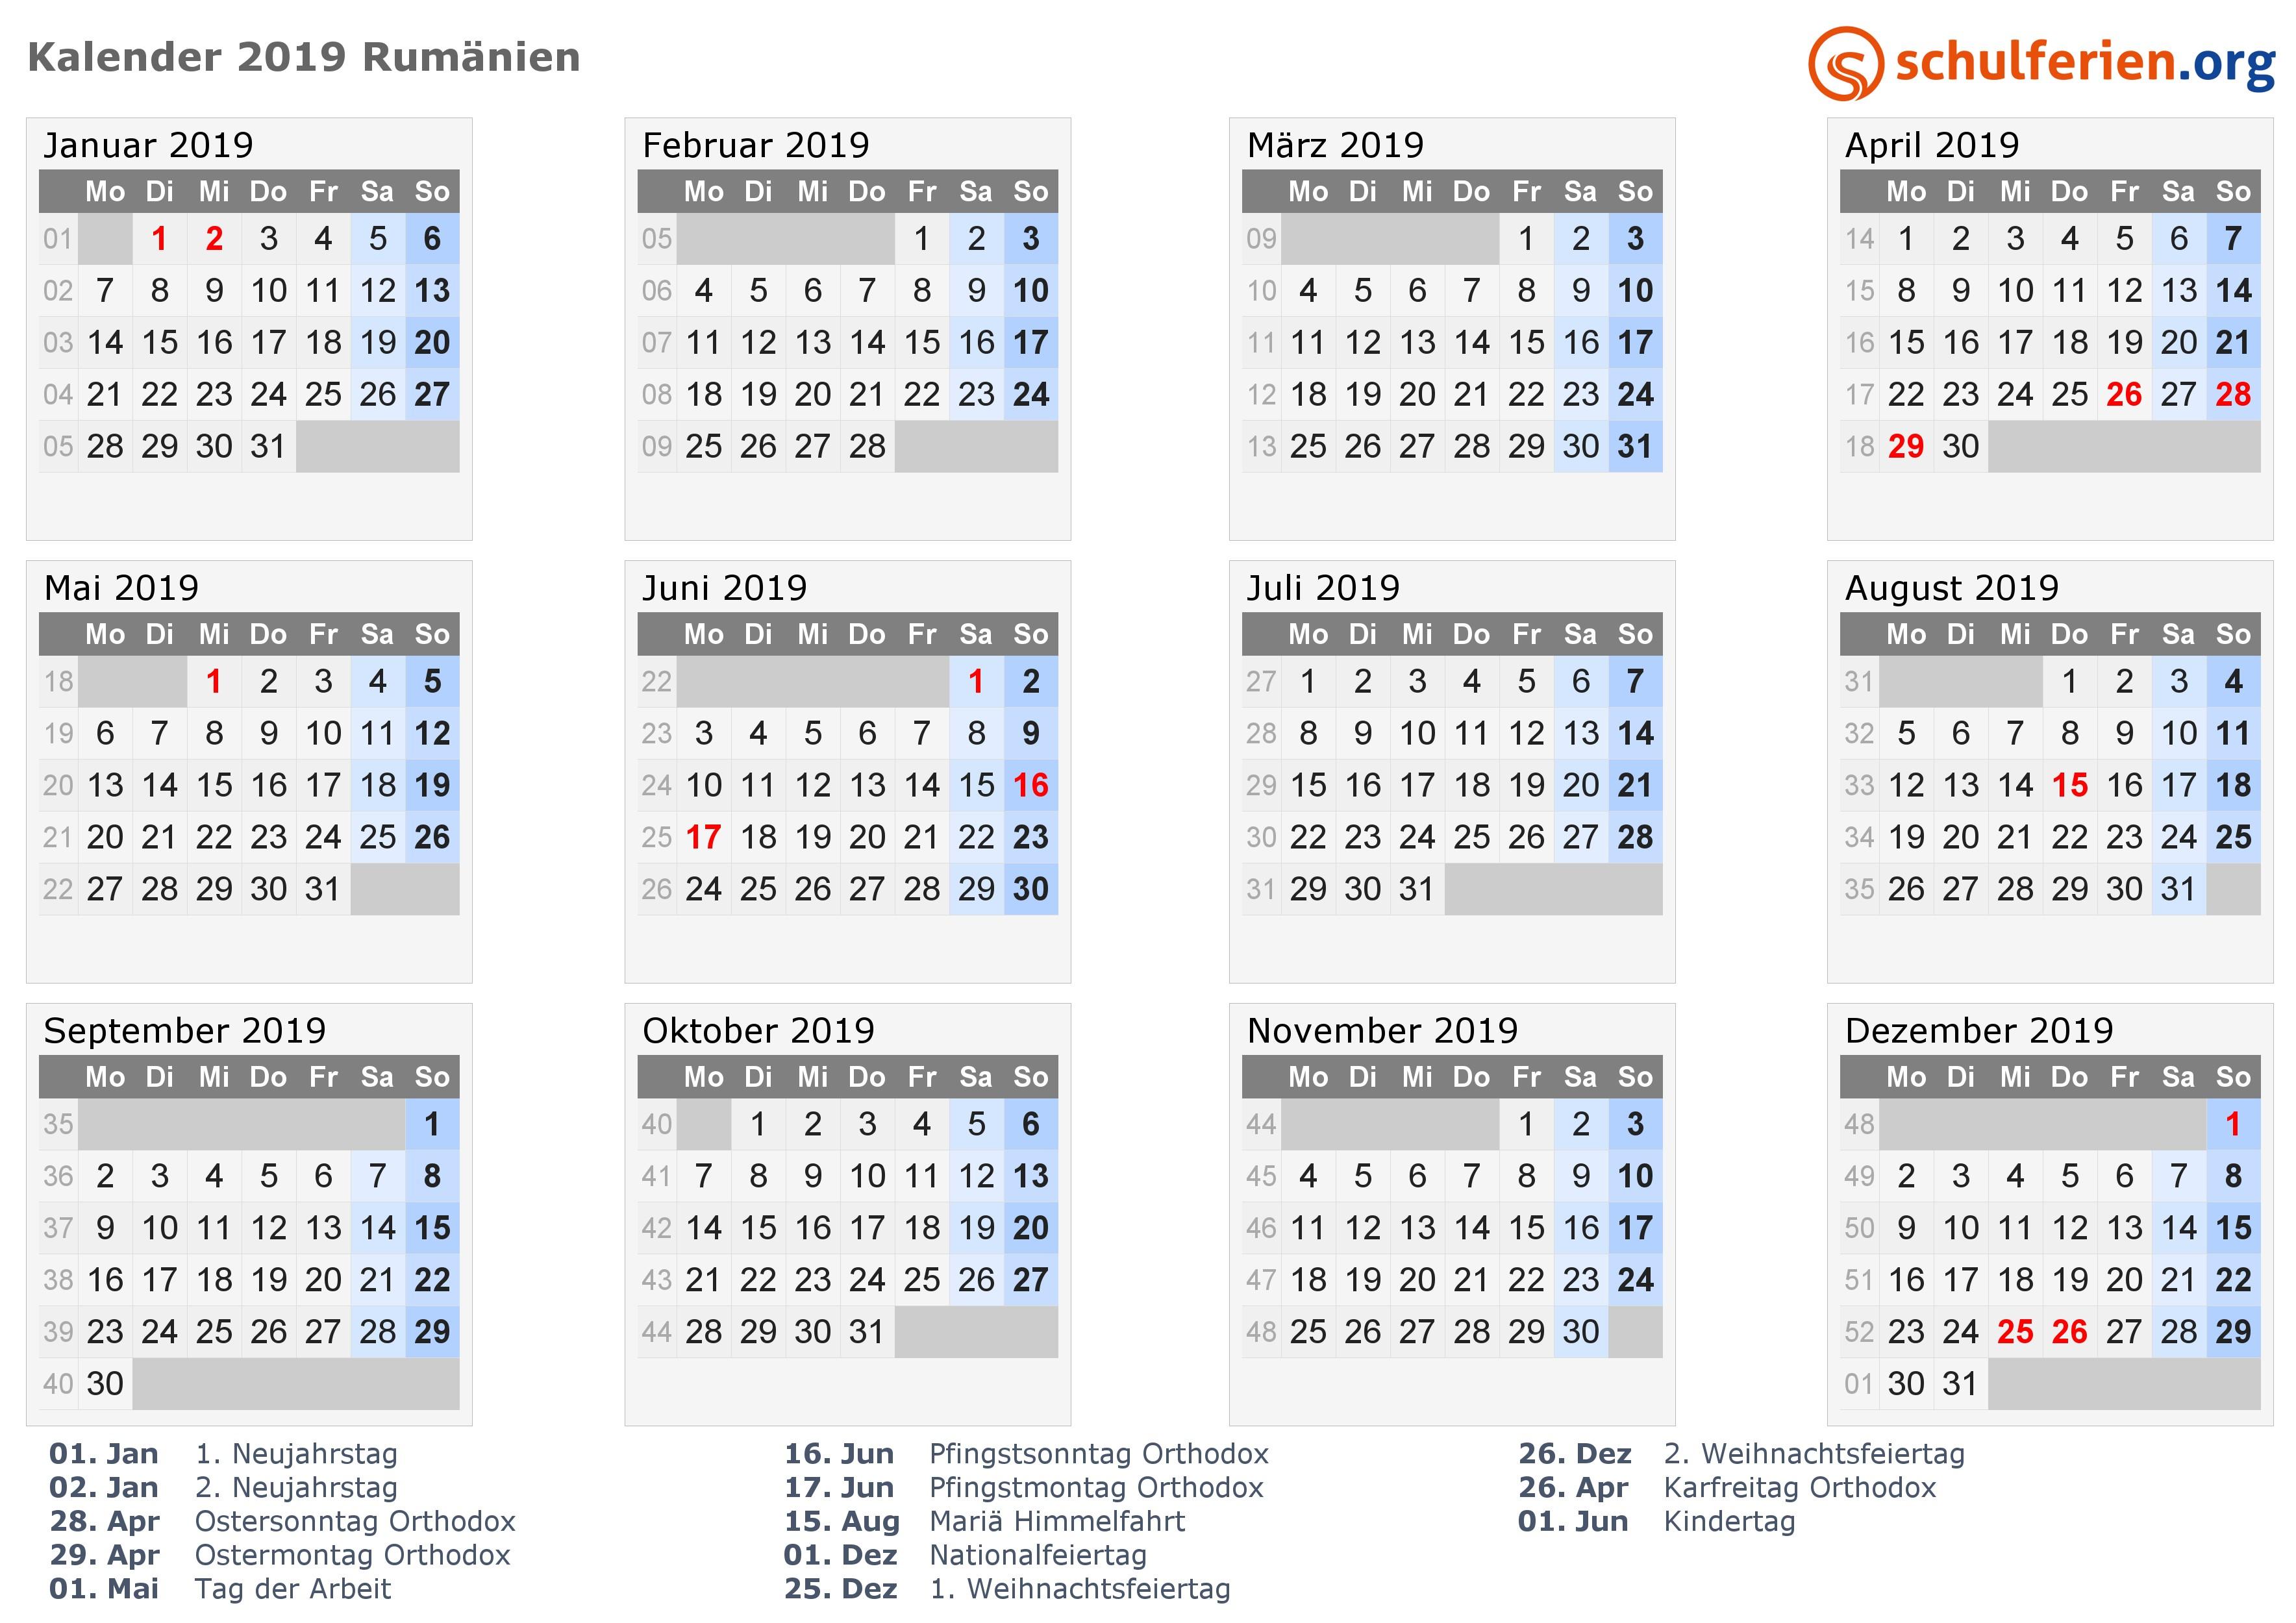 Kalender 2019 Excel Sverige Más Arriba-a-fecha Kalender 2019 Infoagrarfuchss Webseite Vinpearl Baidaifo Of Kalender 2019 Excel Sverige Más Caliente 59 Fotografie Von Fotokalender 2017 Zum Ausdrucken